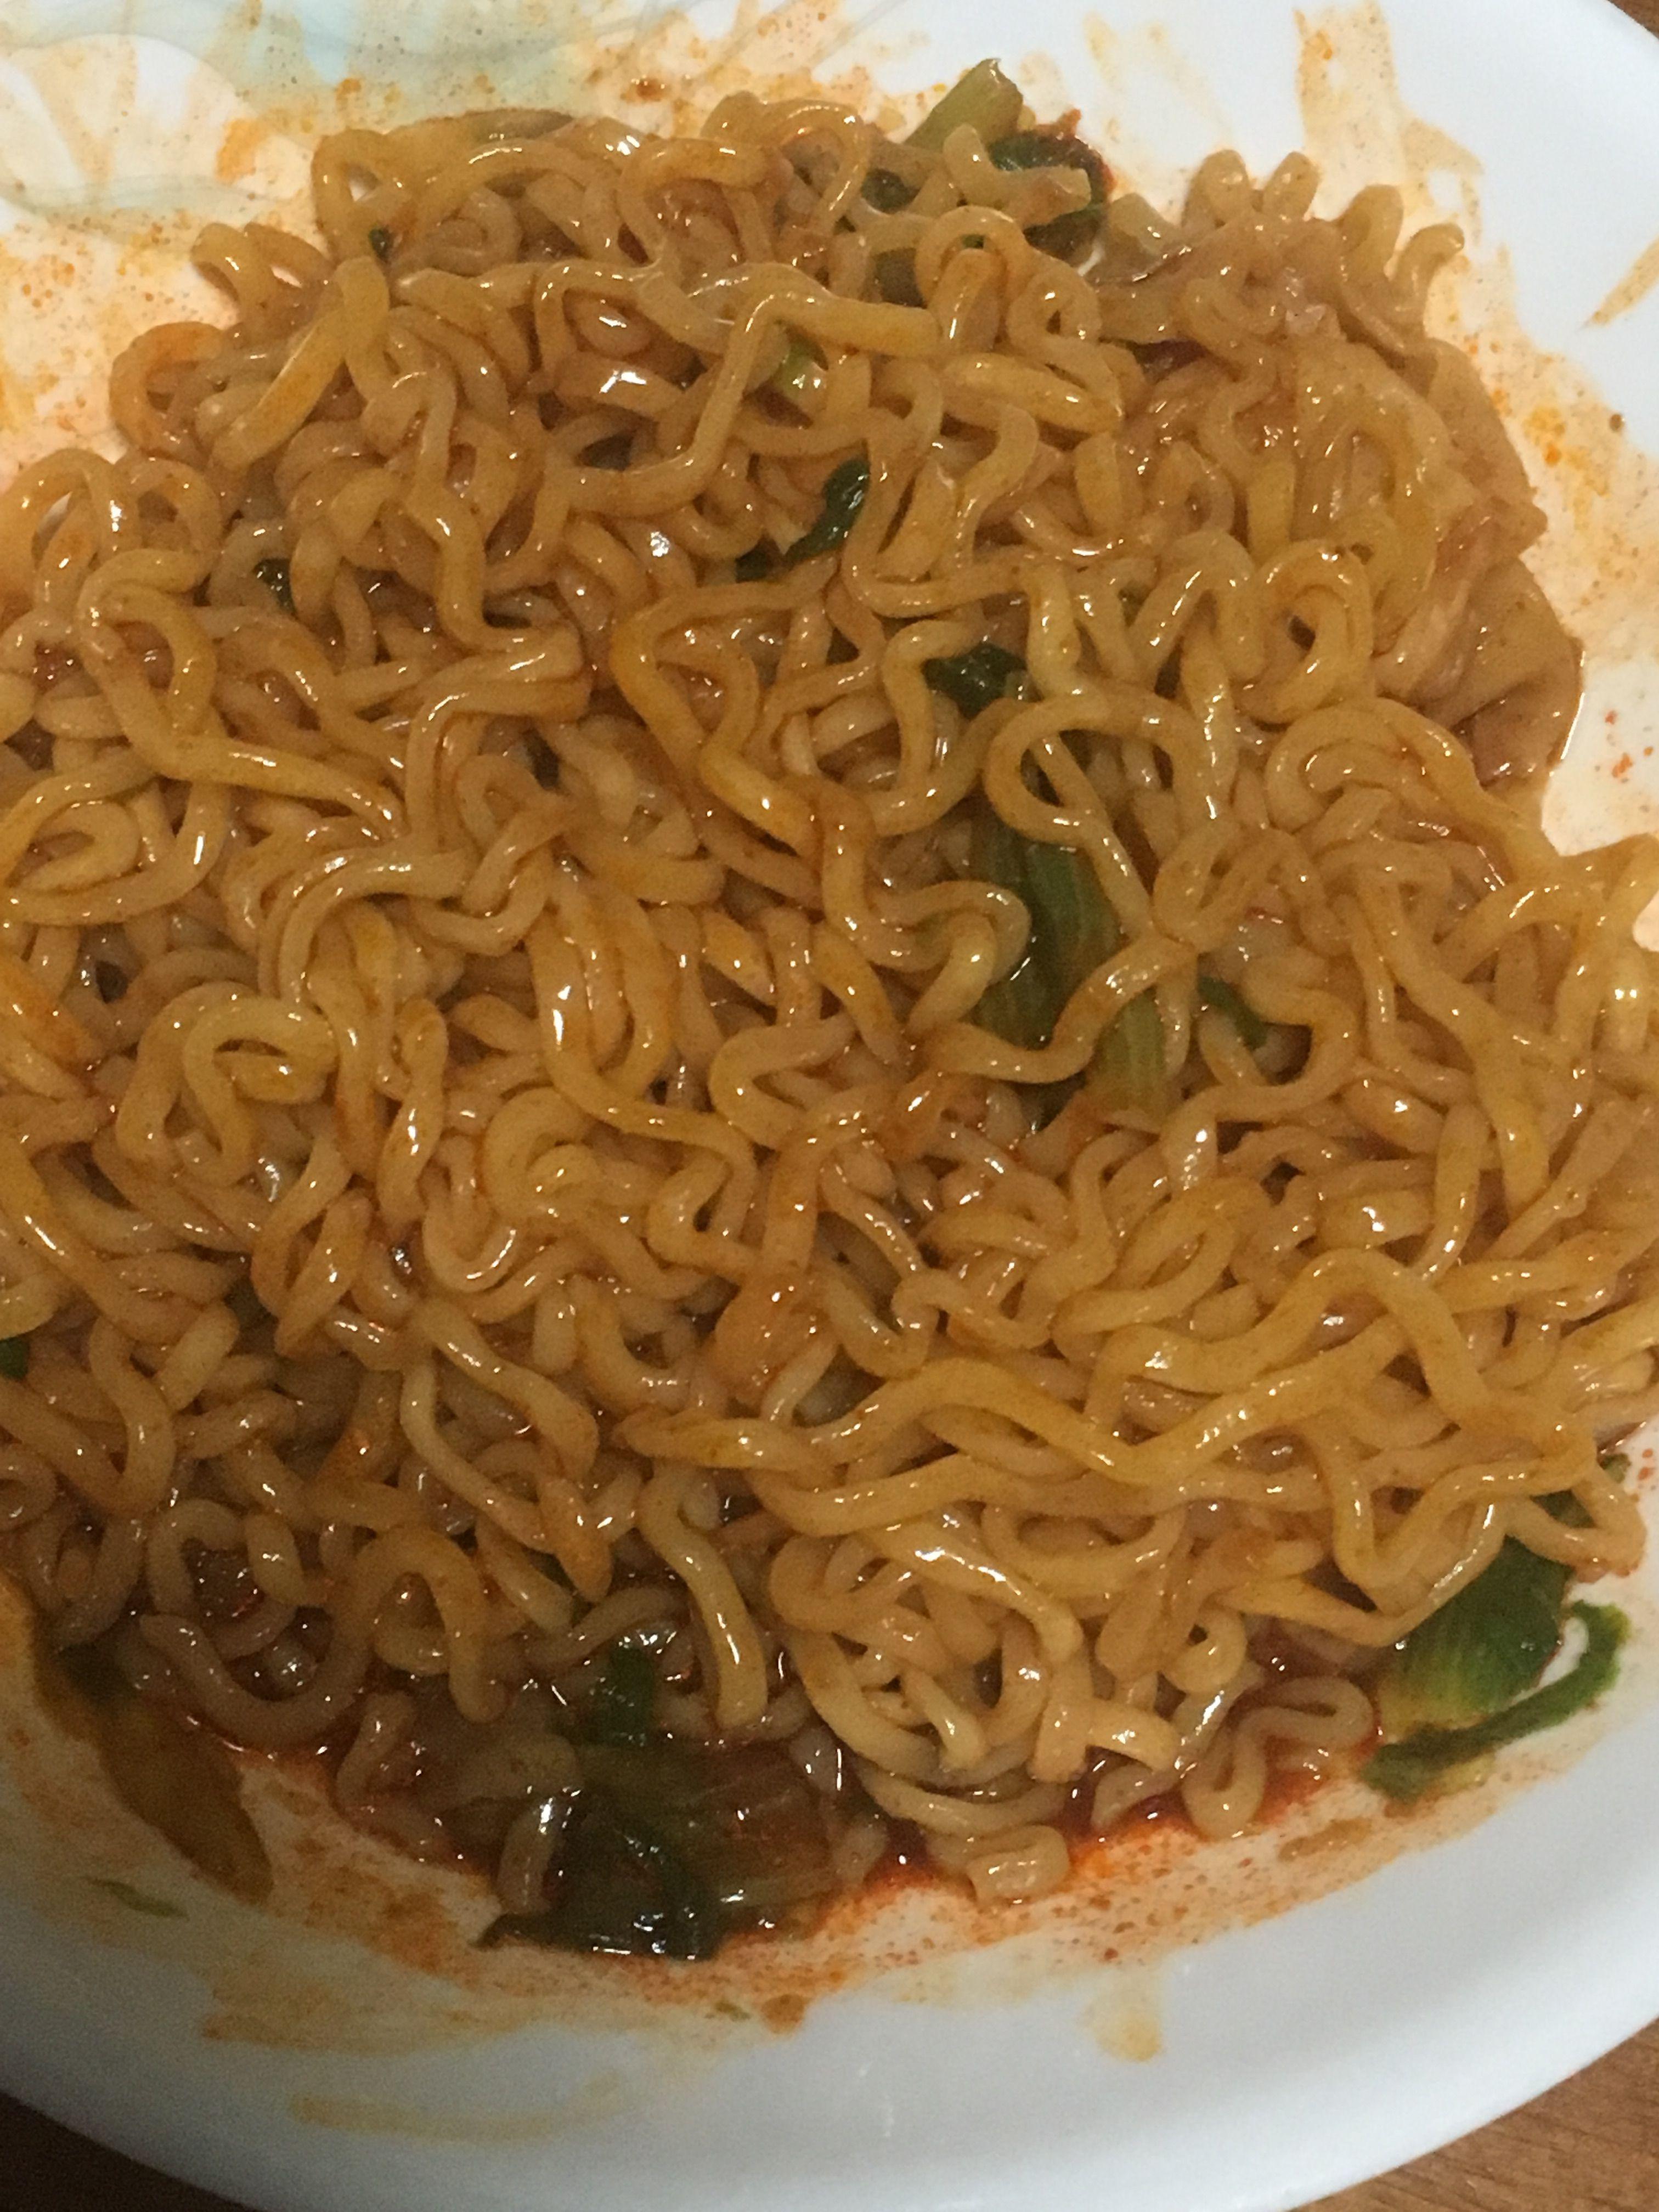 Pin Oleh Sarah Lim Rui En Di Yum Yum Yum Makanan Dan Minuman Ide Makanan Masakan Indonesia